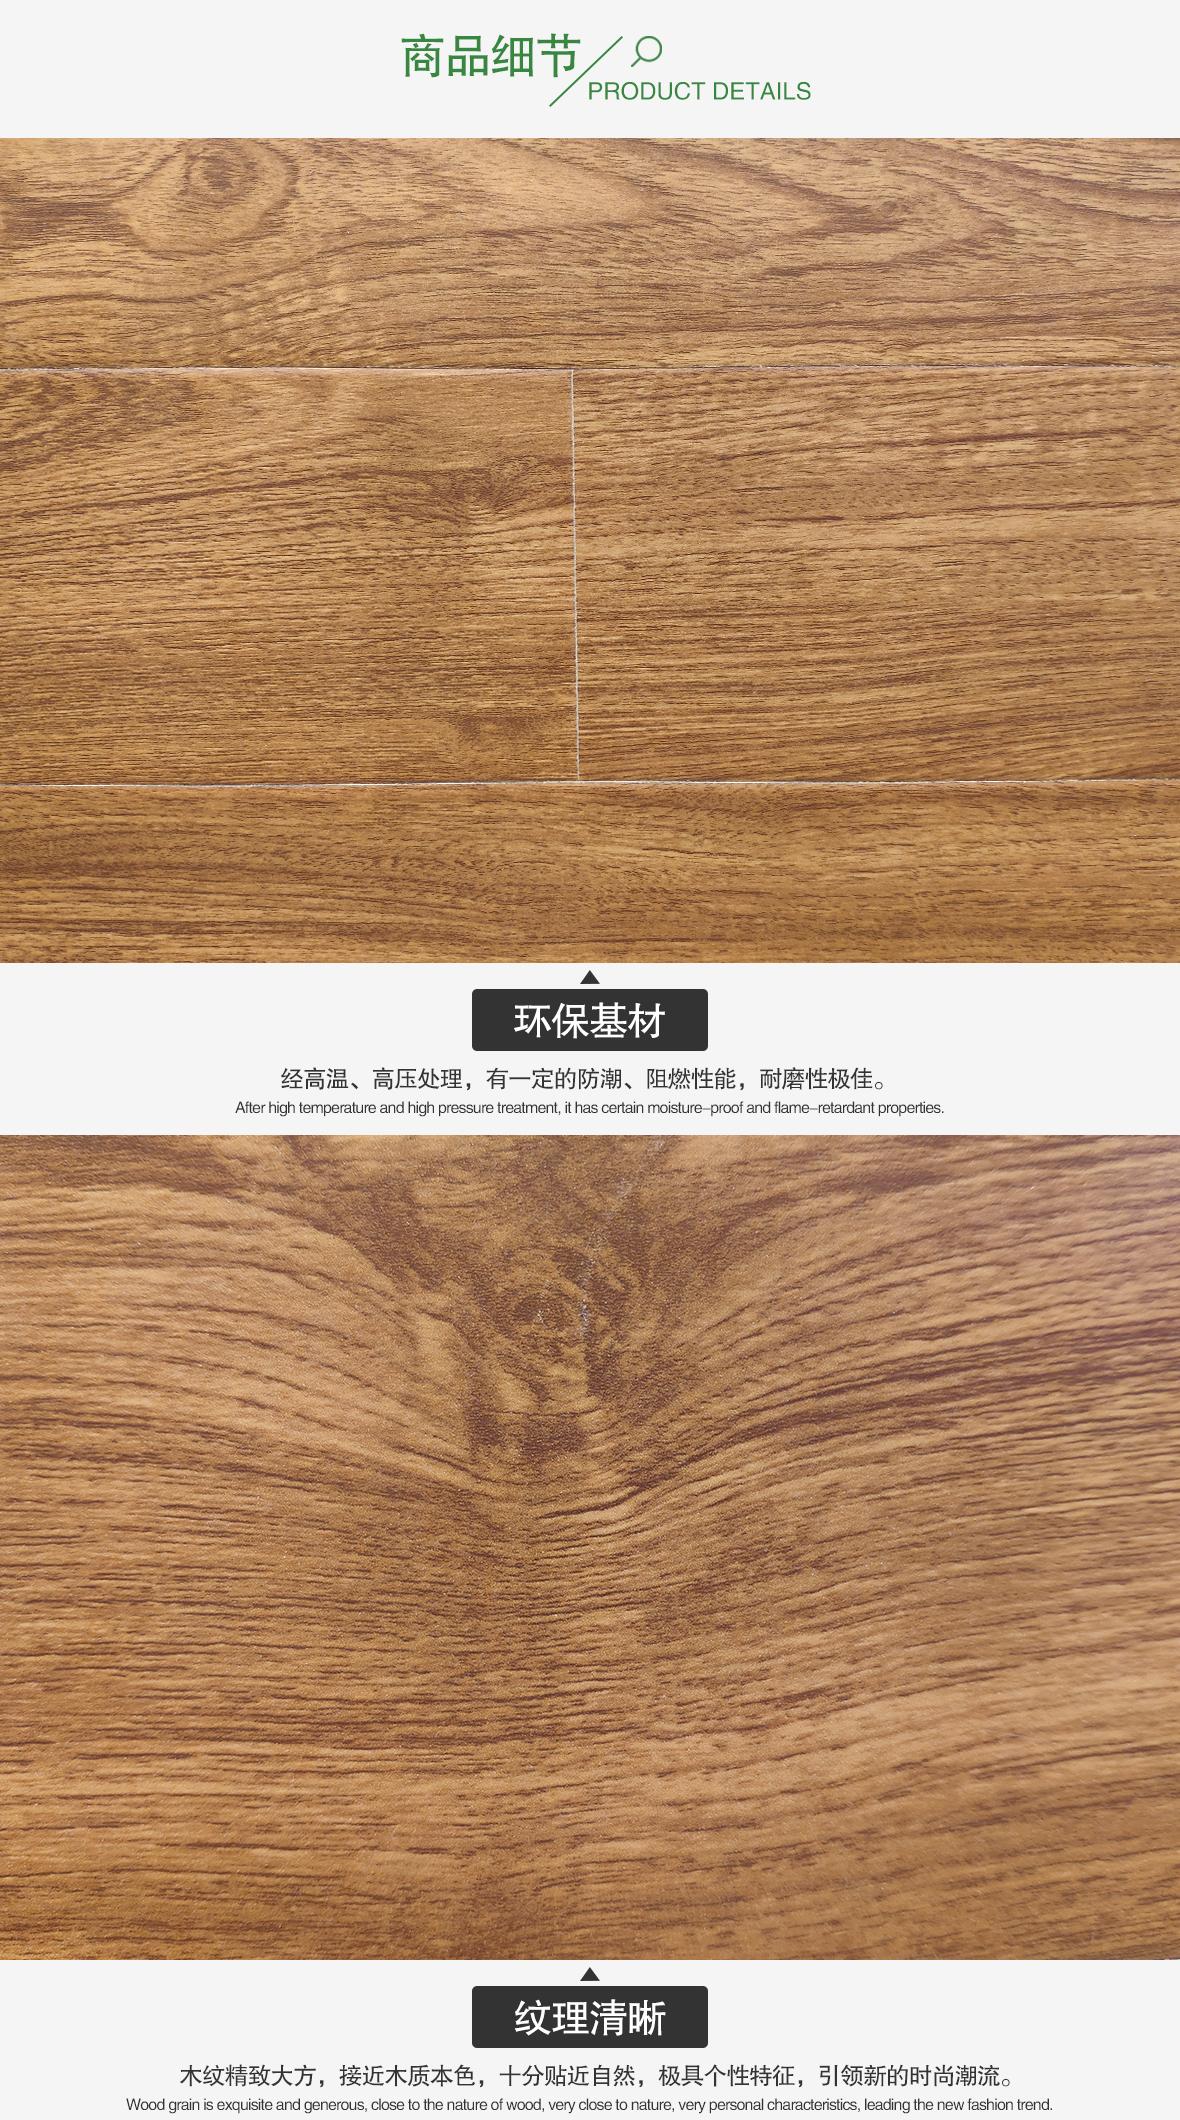 欧朗地板 G8801型号强化地板 高密度板材质 图片、价格、品牌、评测样样齐全!【蓝景商城正品行货,蓝景丽家大钟寺家居广场提货,北京地区配送,领券更优惠,线上线下同品同价,立即购买享受更多优惠哦!】